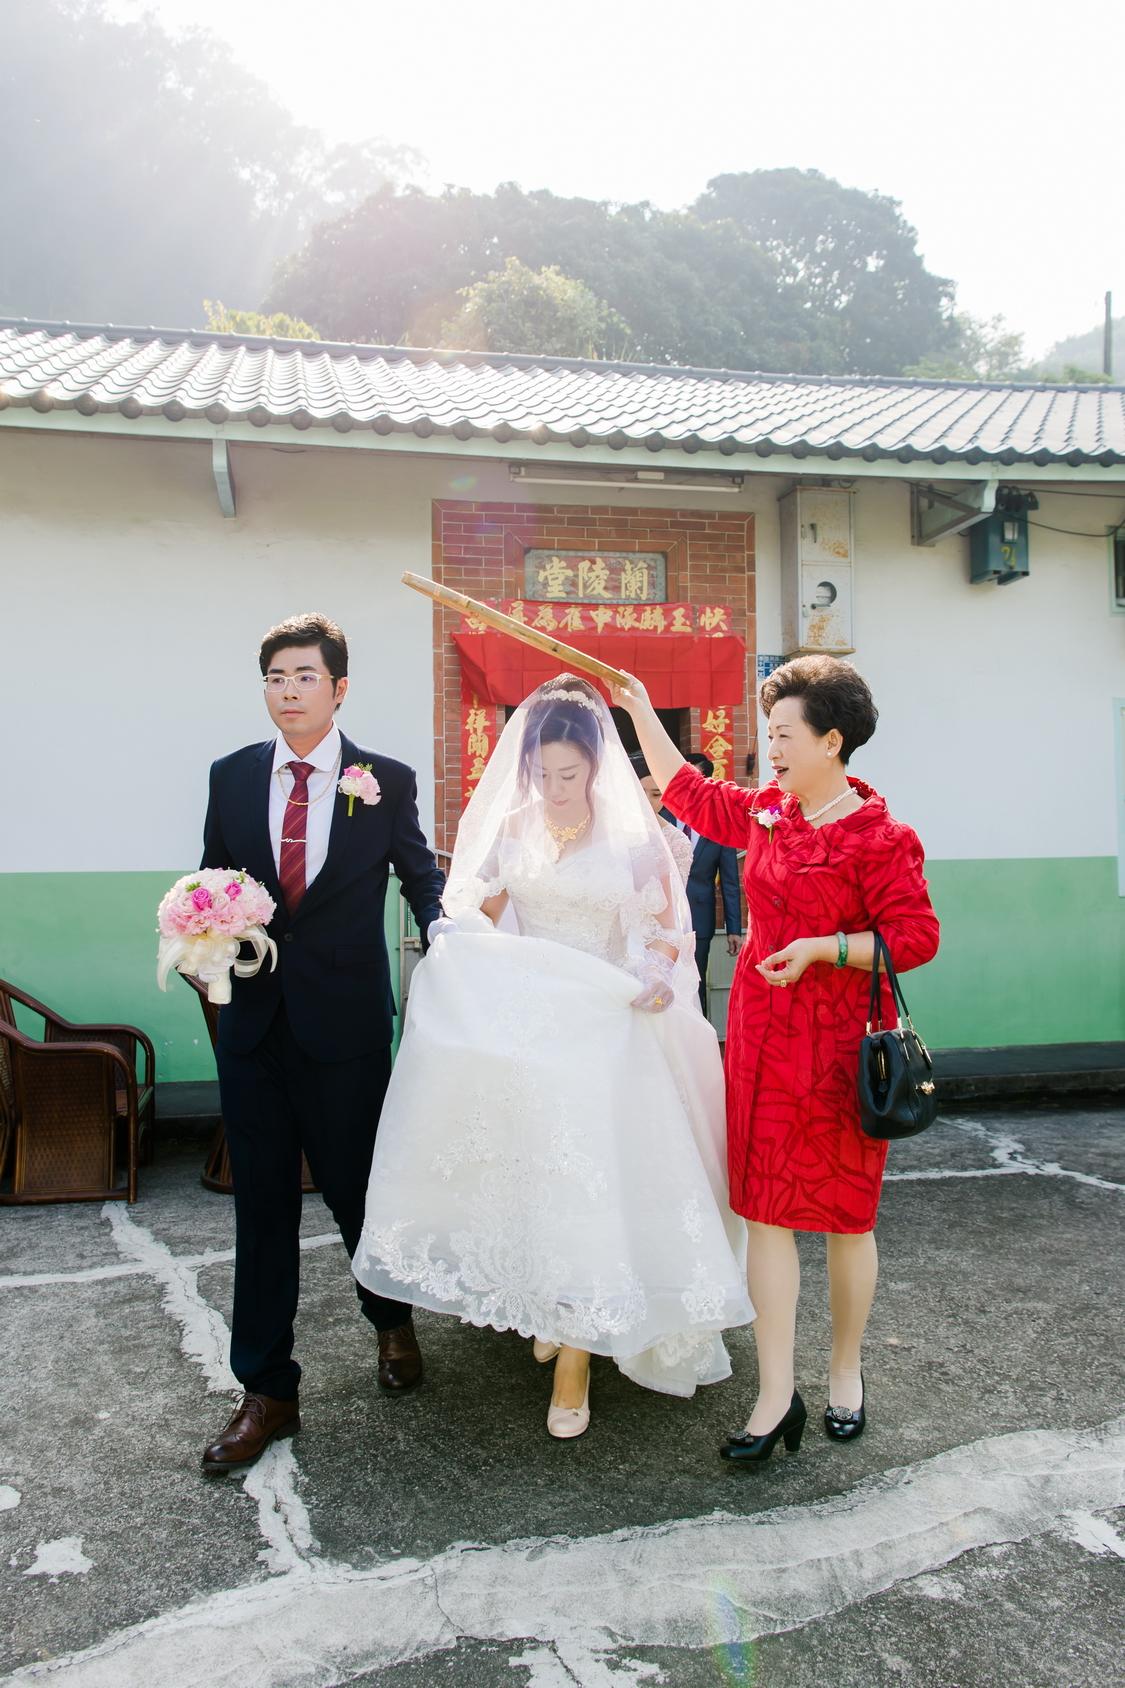 【比堤婚紗.結婚.婚禮紀錄】哲宇 ♥ 貝恩_19